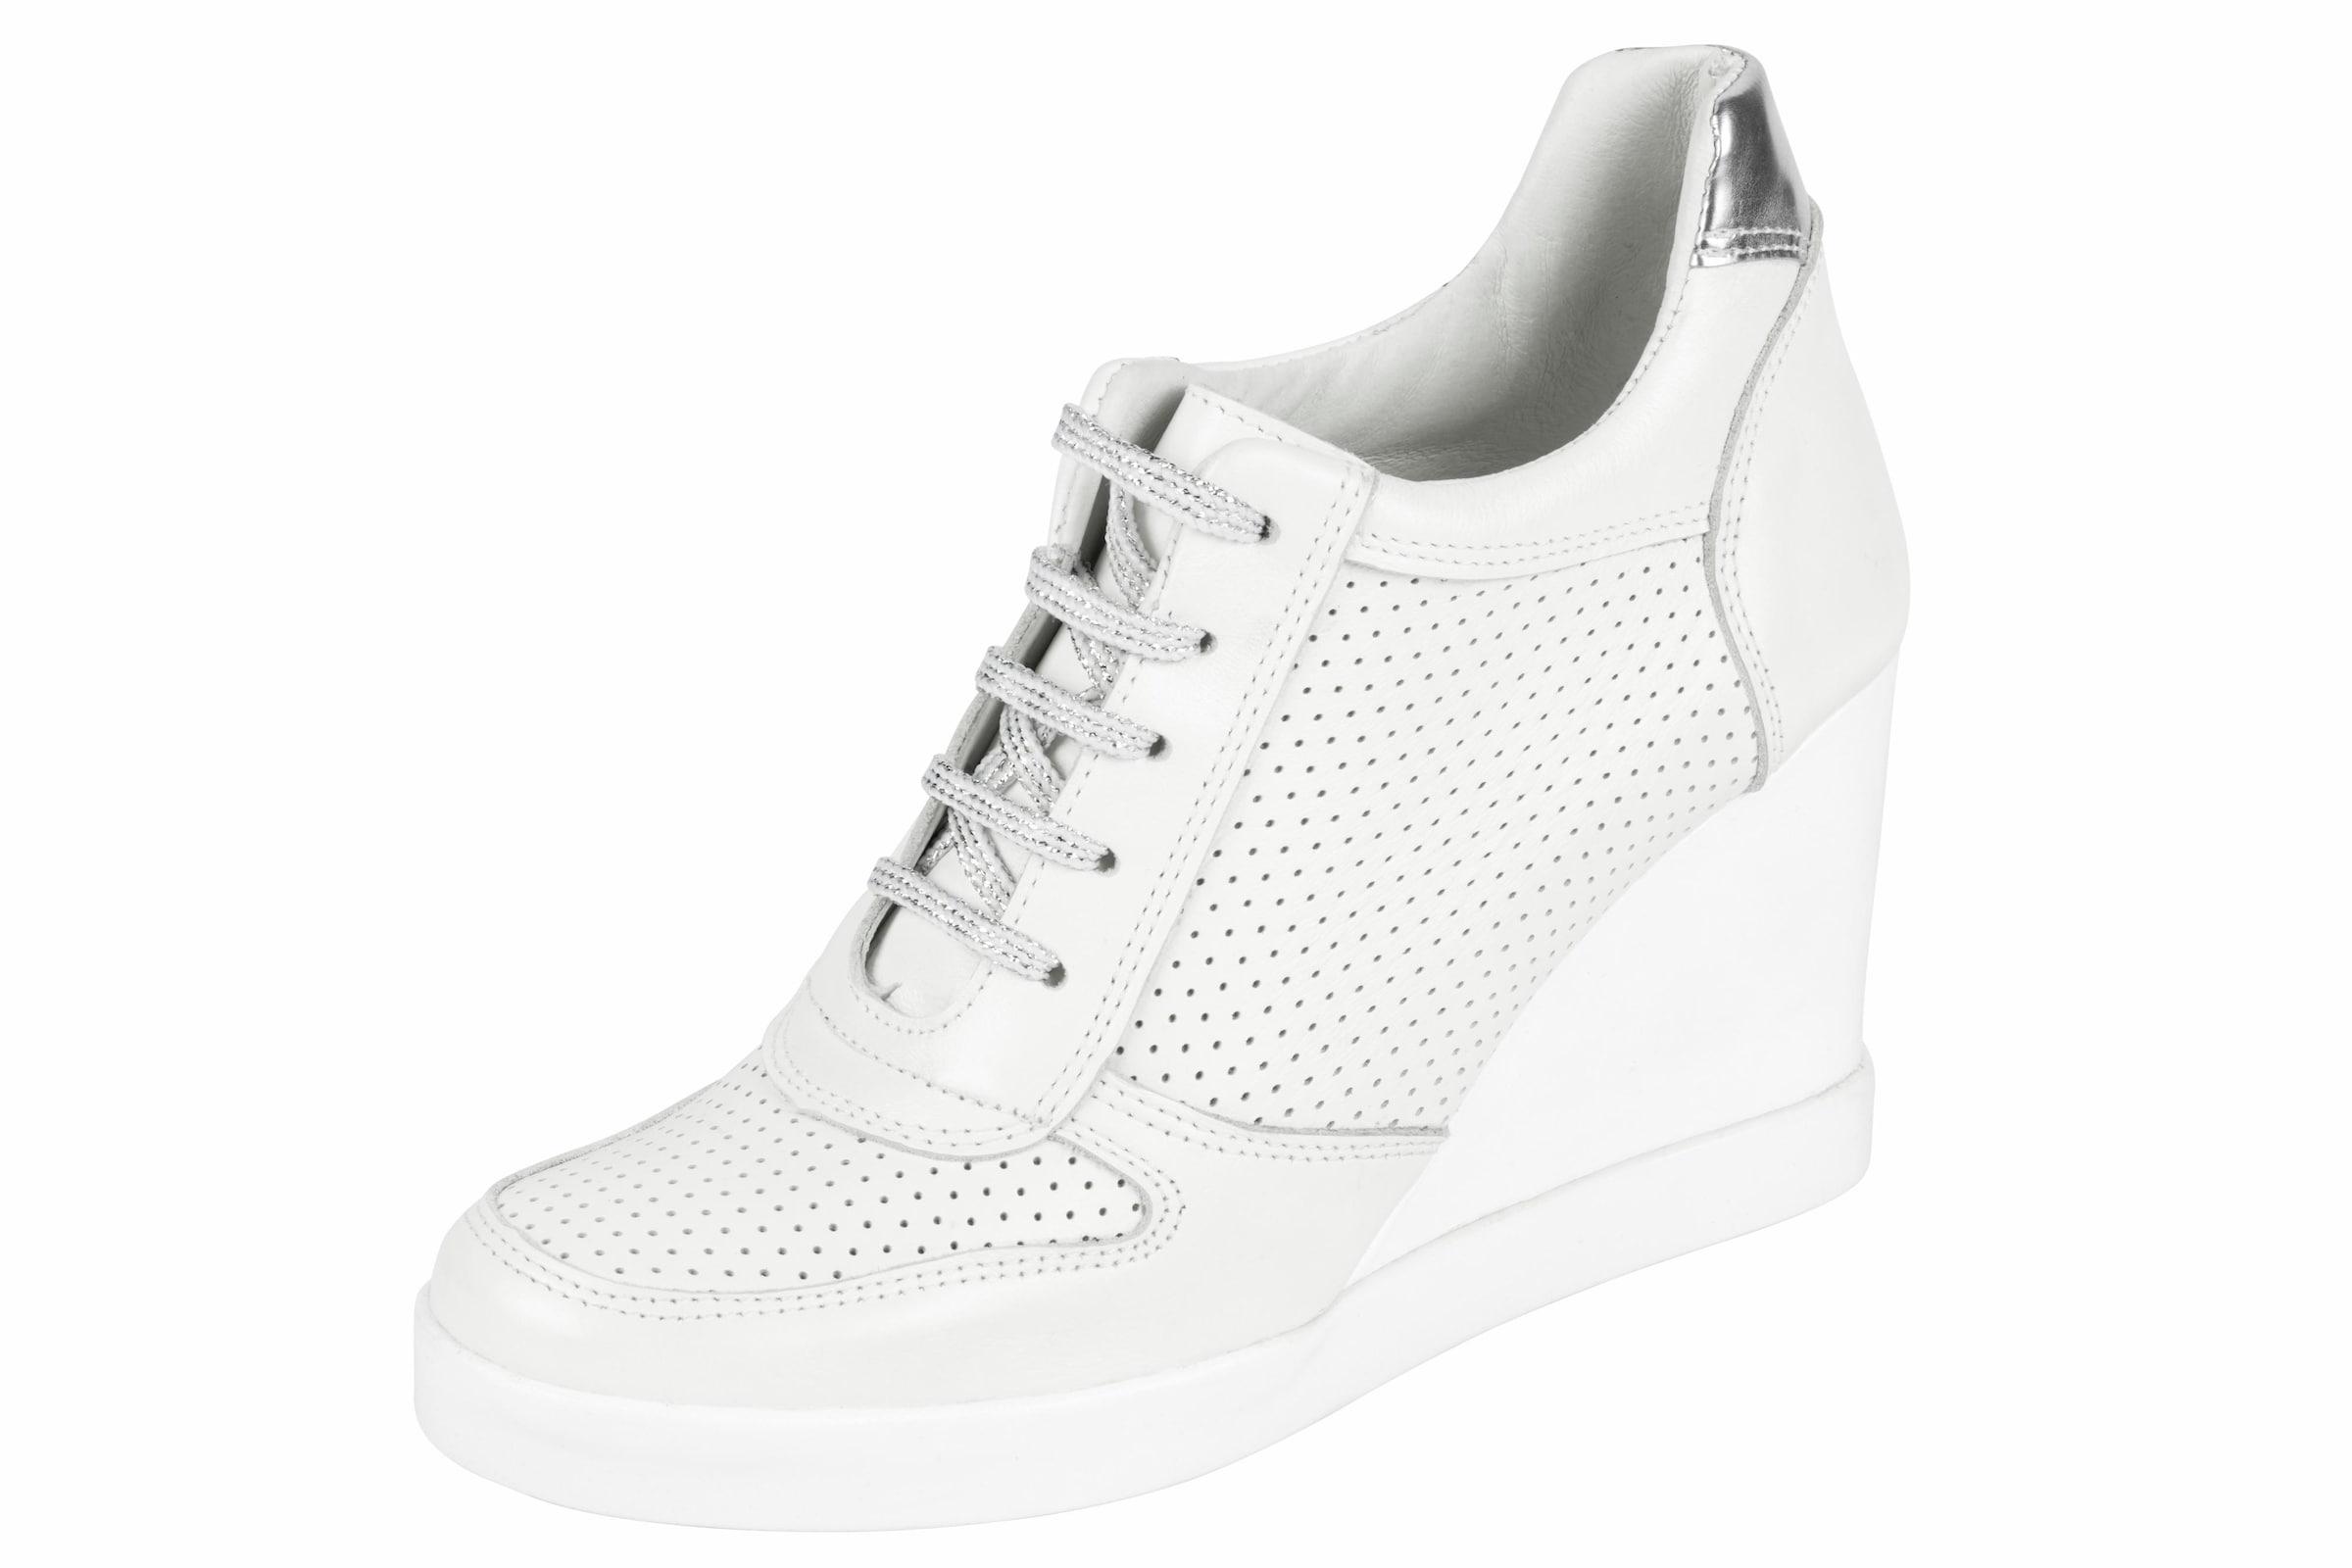 Sneakernews Online heine Heine Keilsneaker mit Perforation Amazon Online Spielraum Erkunden n4KawQ7TqP